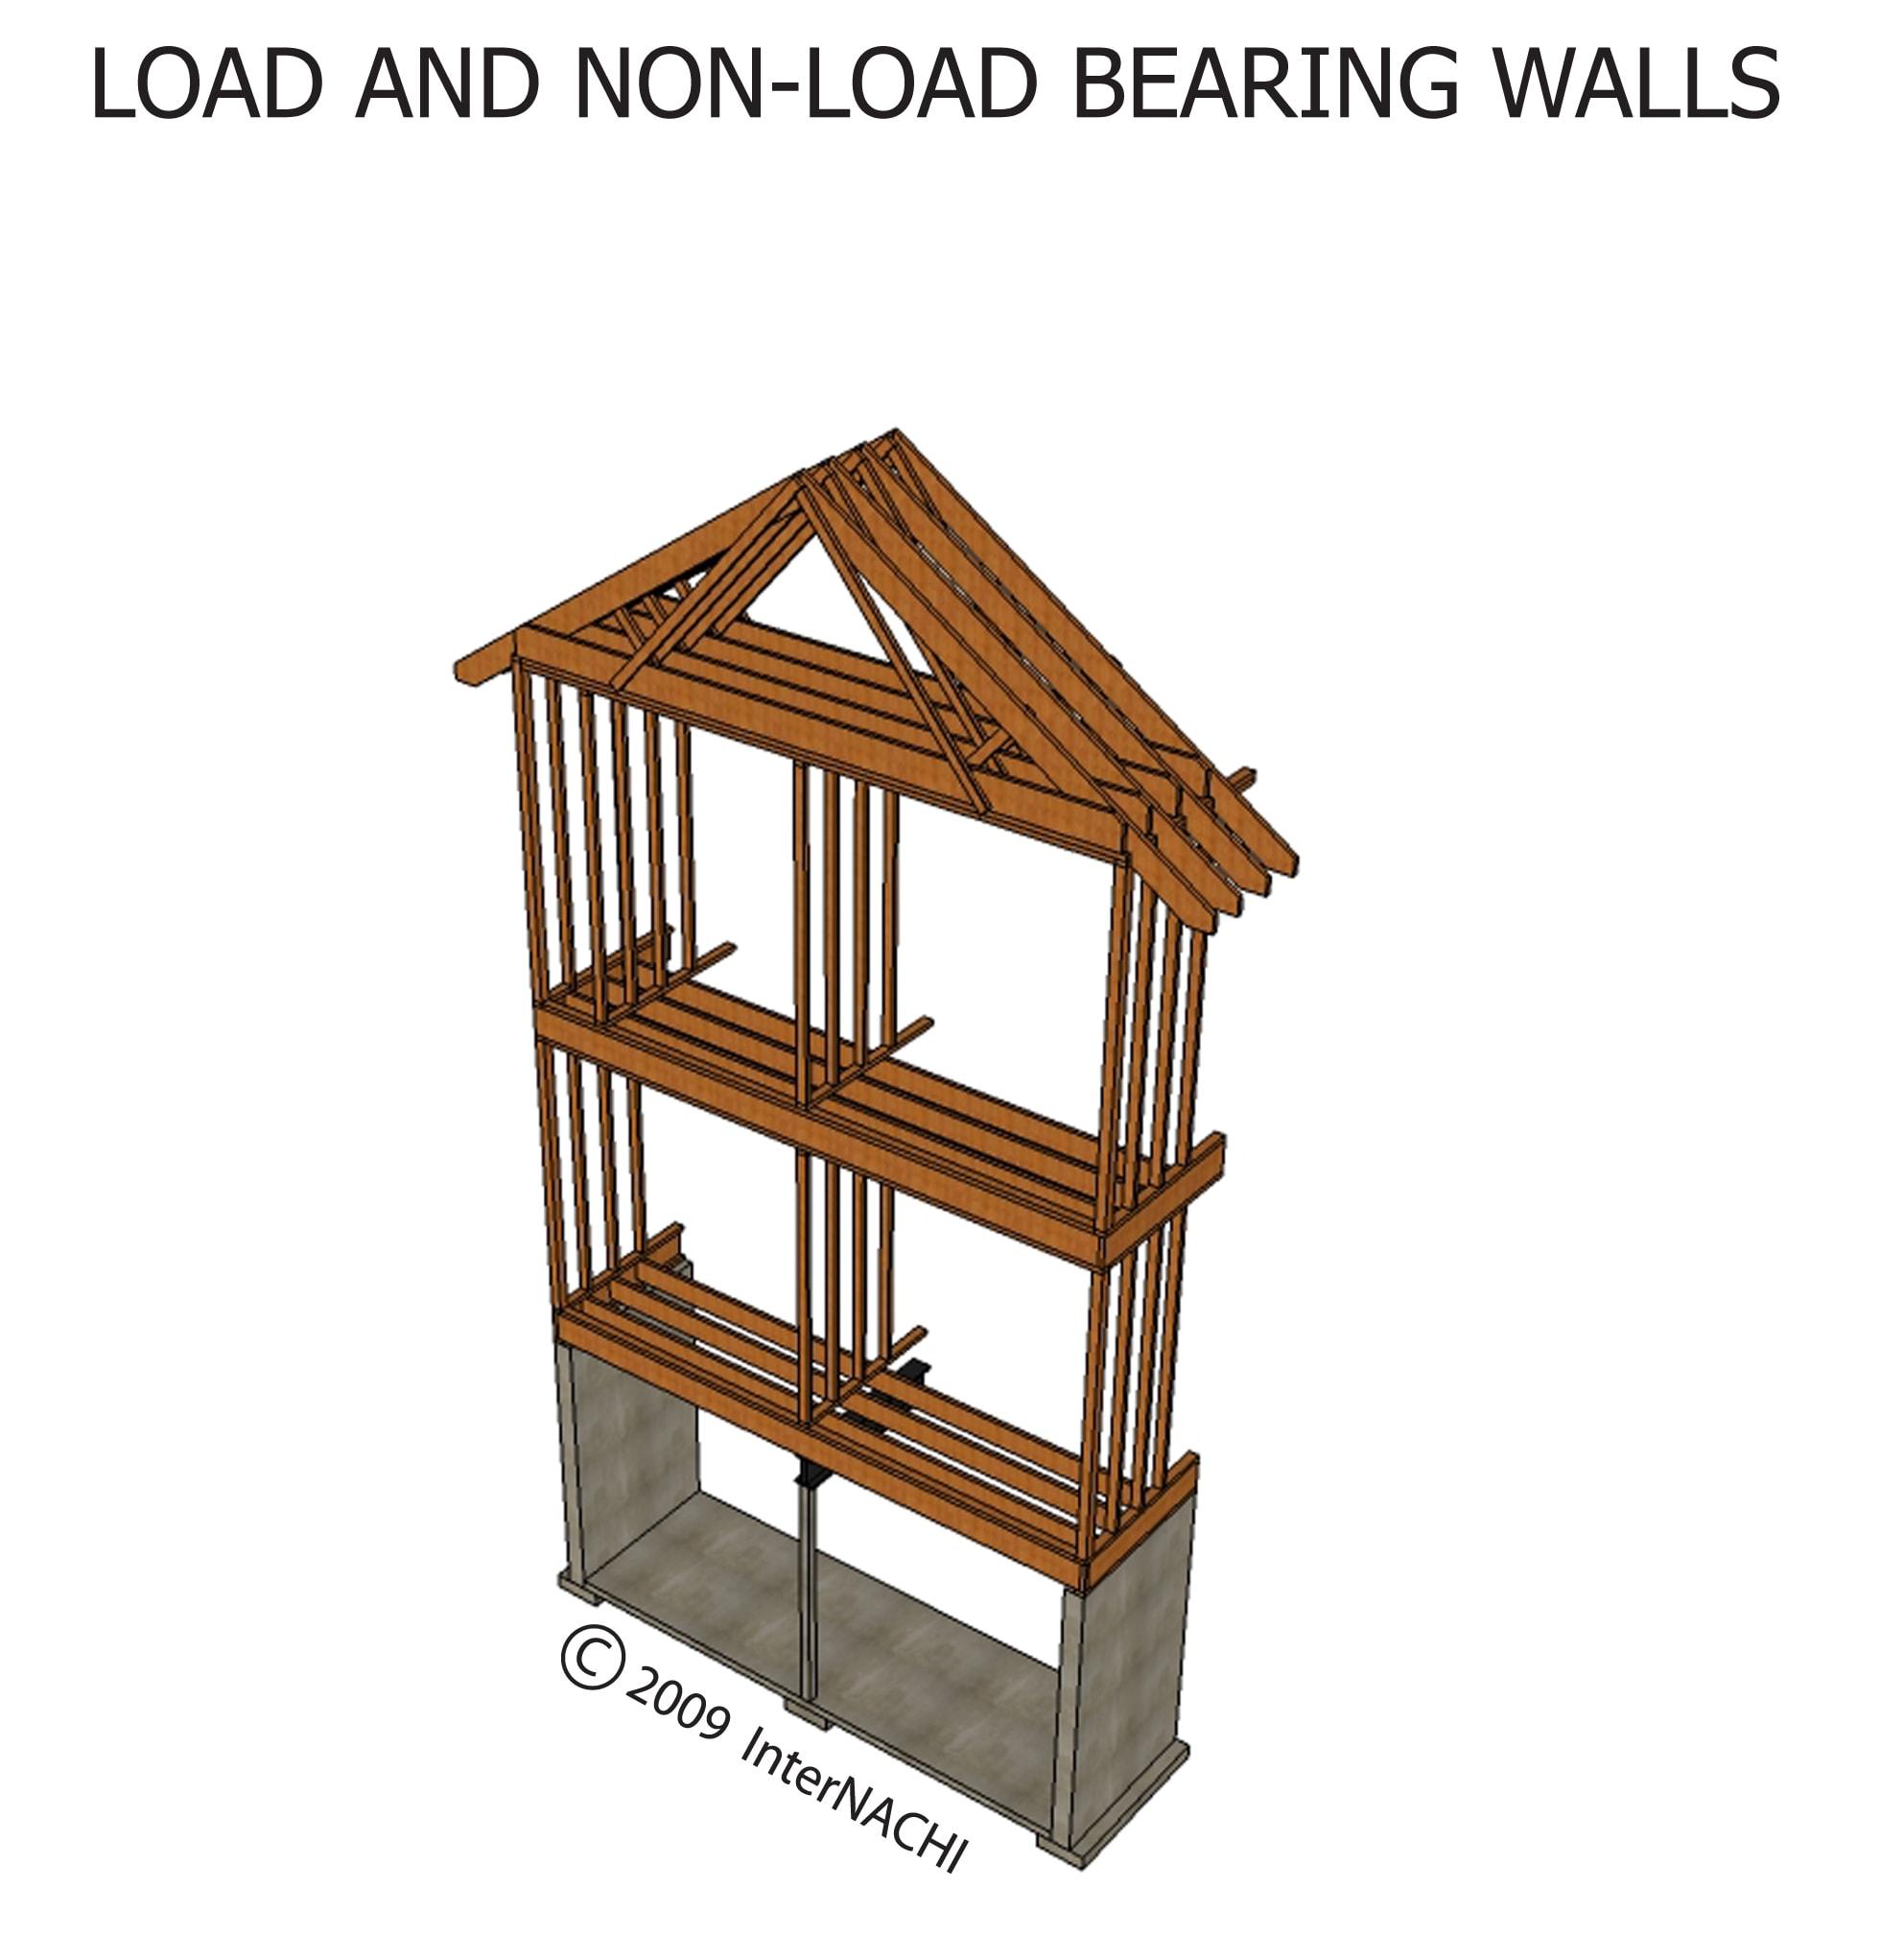 Load and non-load bearing walls.